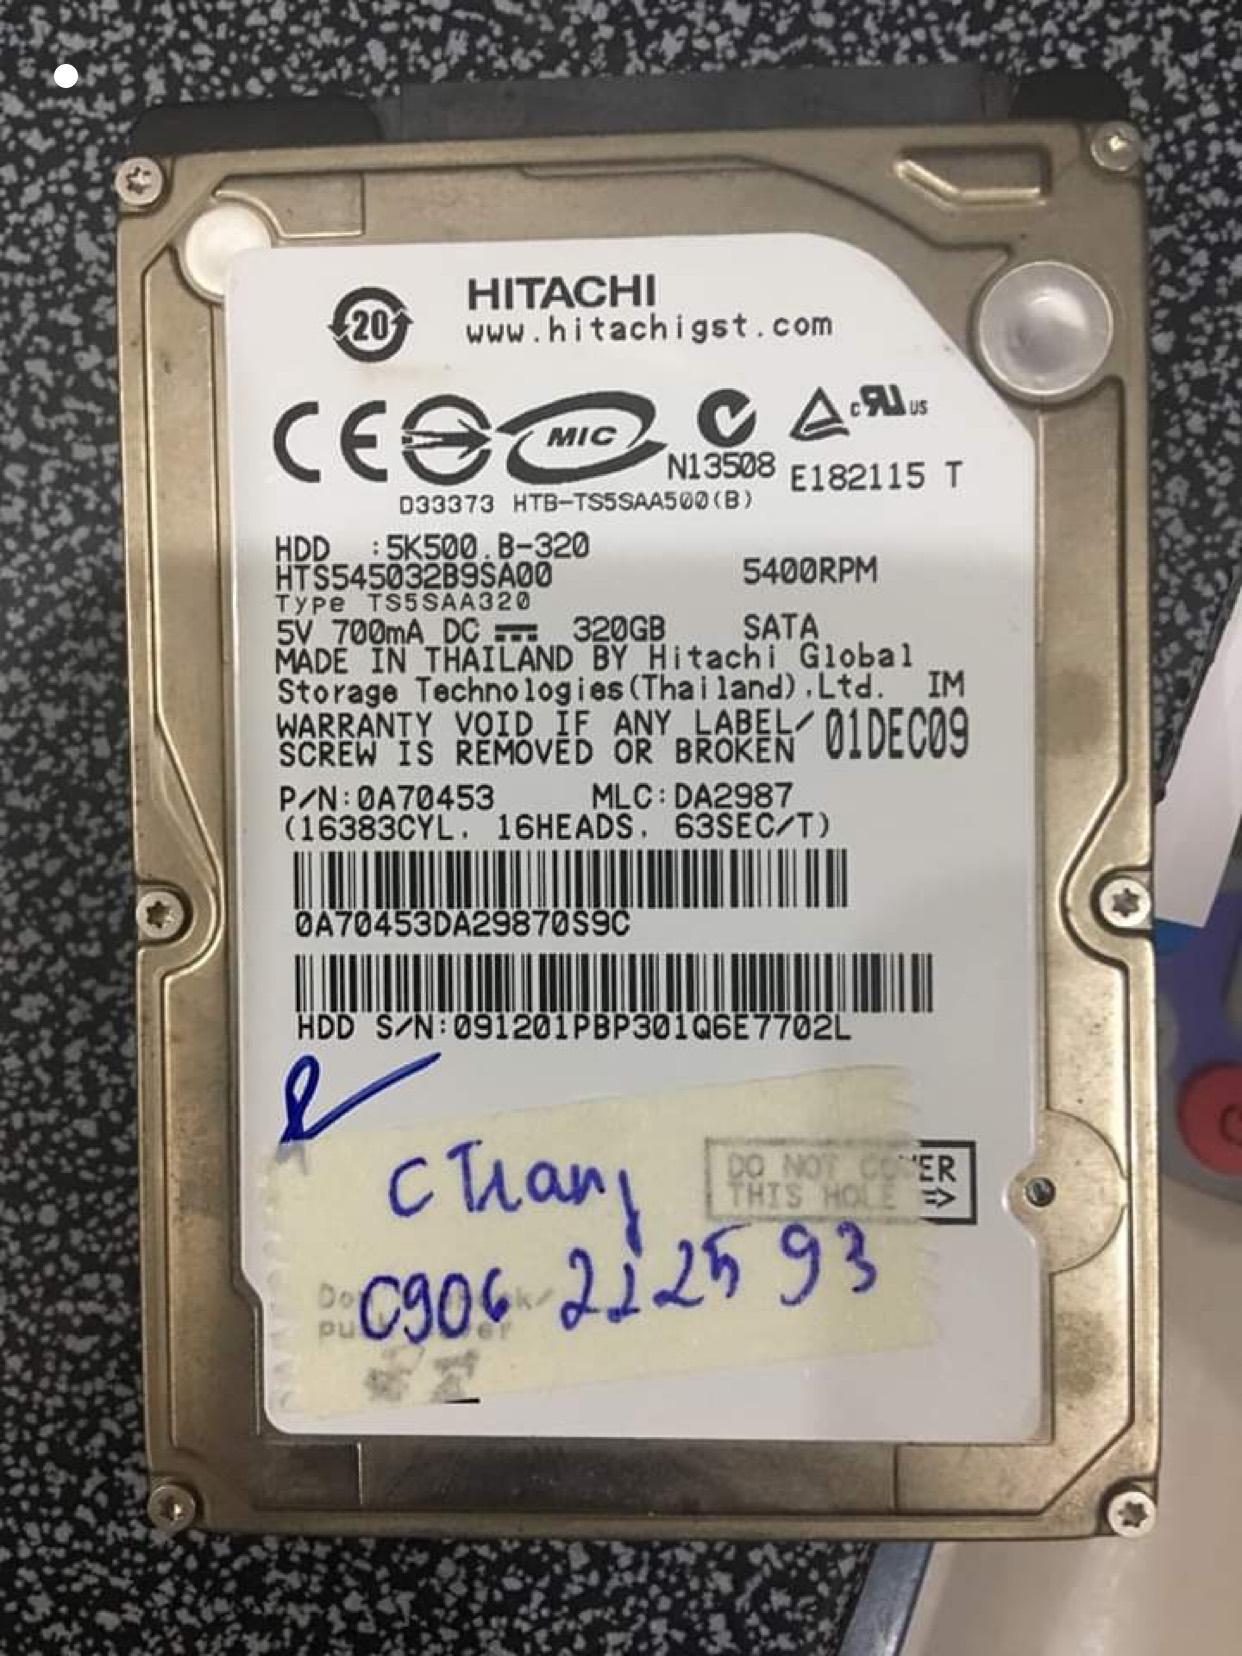 Cứu dữ liệu ổ cứng Hitachi 320GB lỗi đầu đọc 15/06/2020 - cuumaytinh